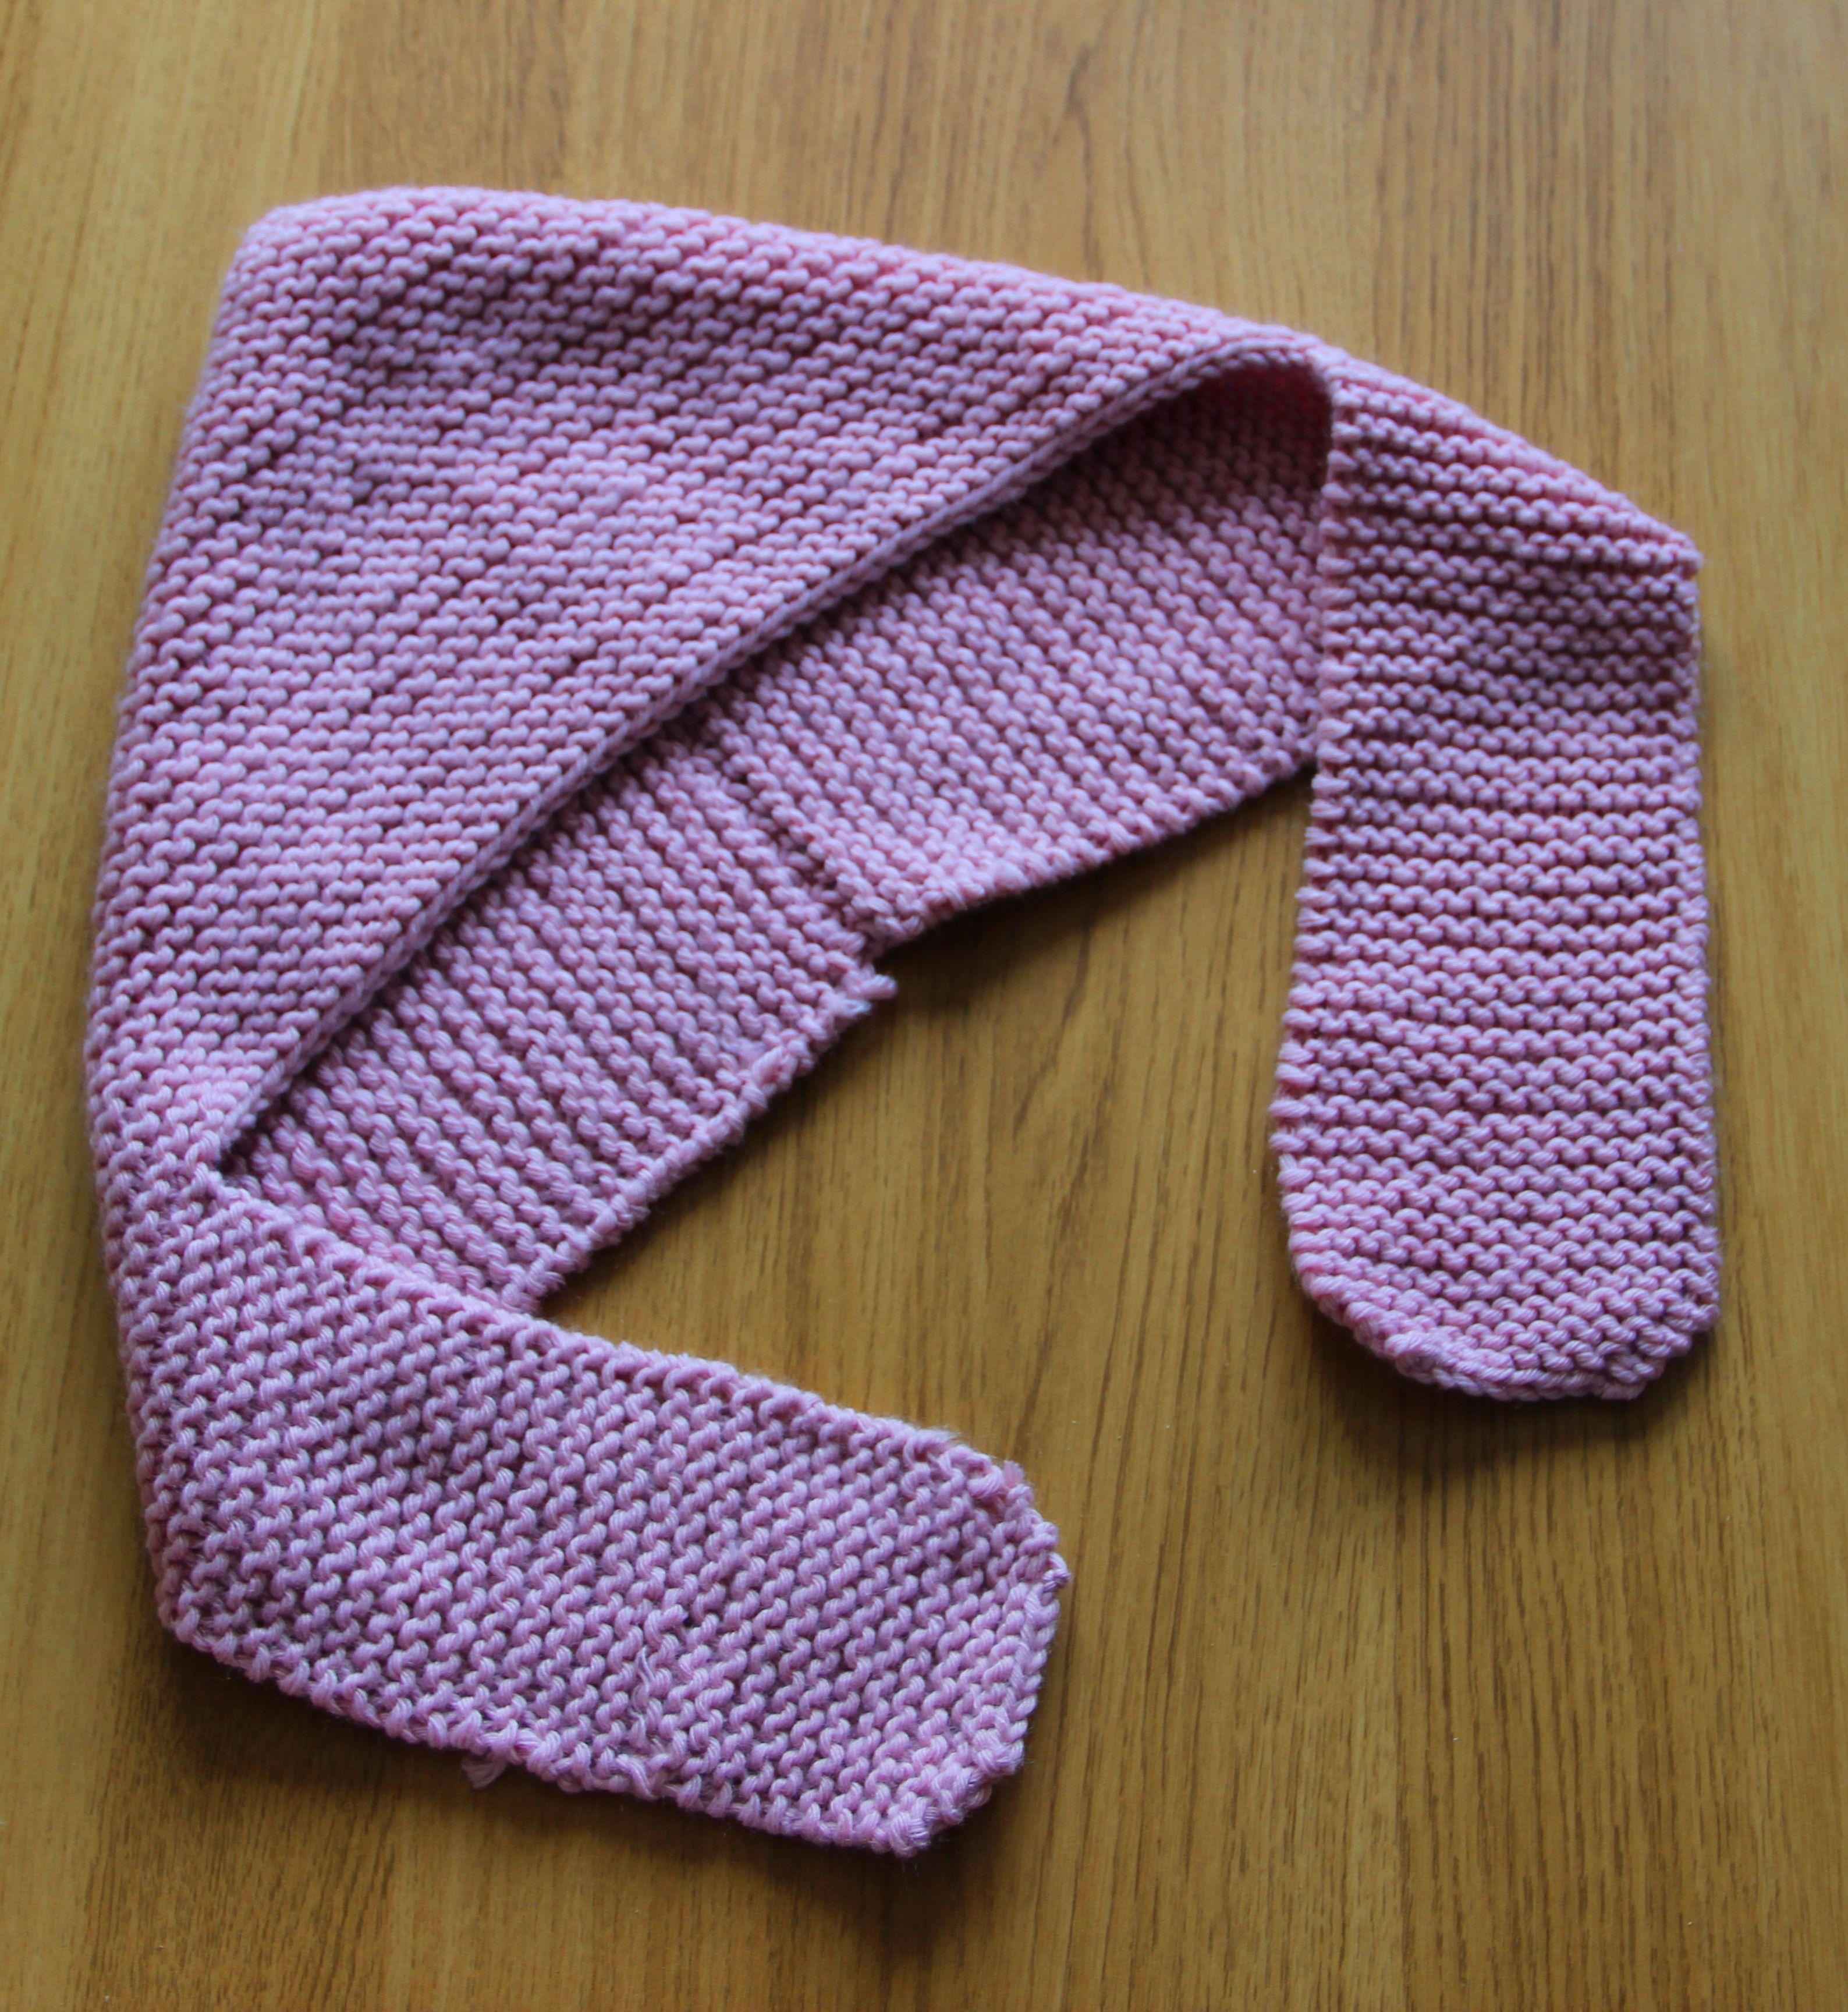 petit ensemble moufles bonnet charpe 12 mois tricot b b s gola de trico trico et croch. Black Bedroom Furniture Sets. Home Design Ideas